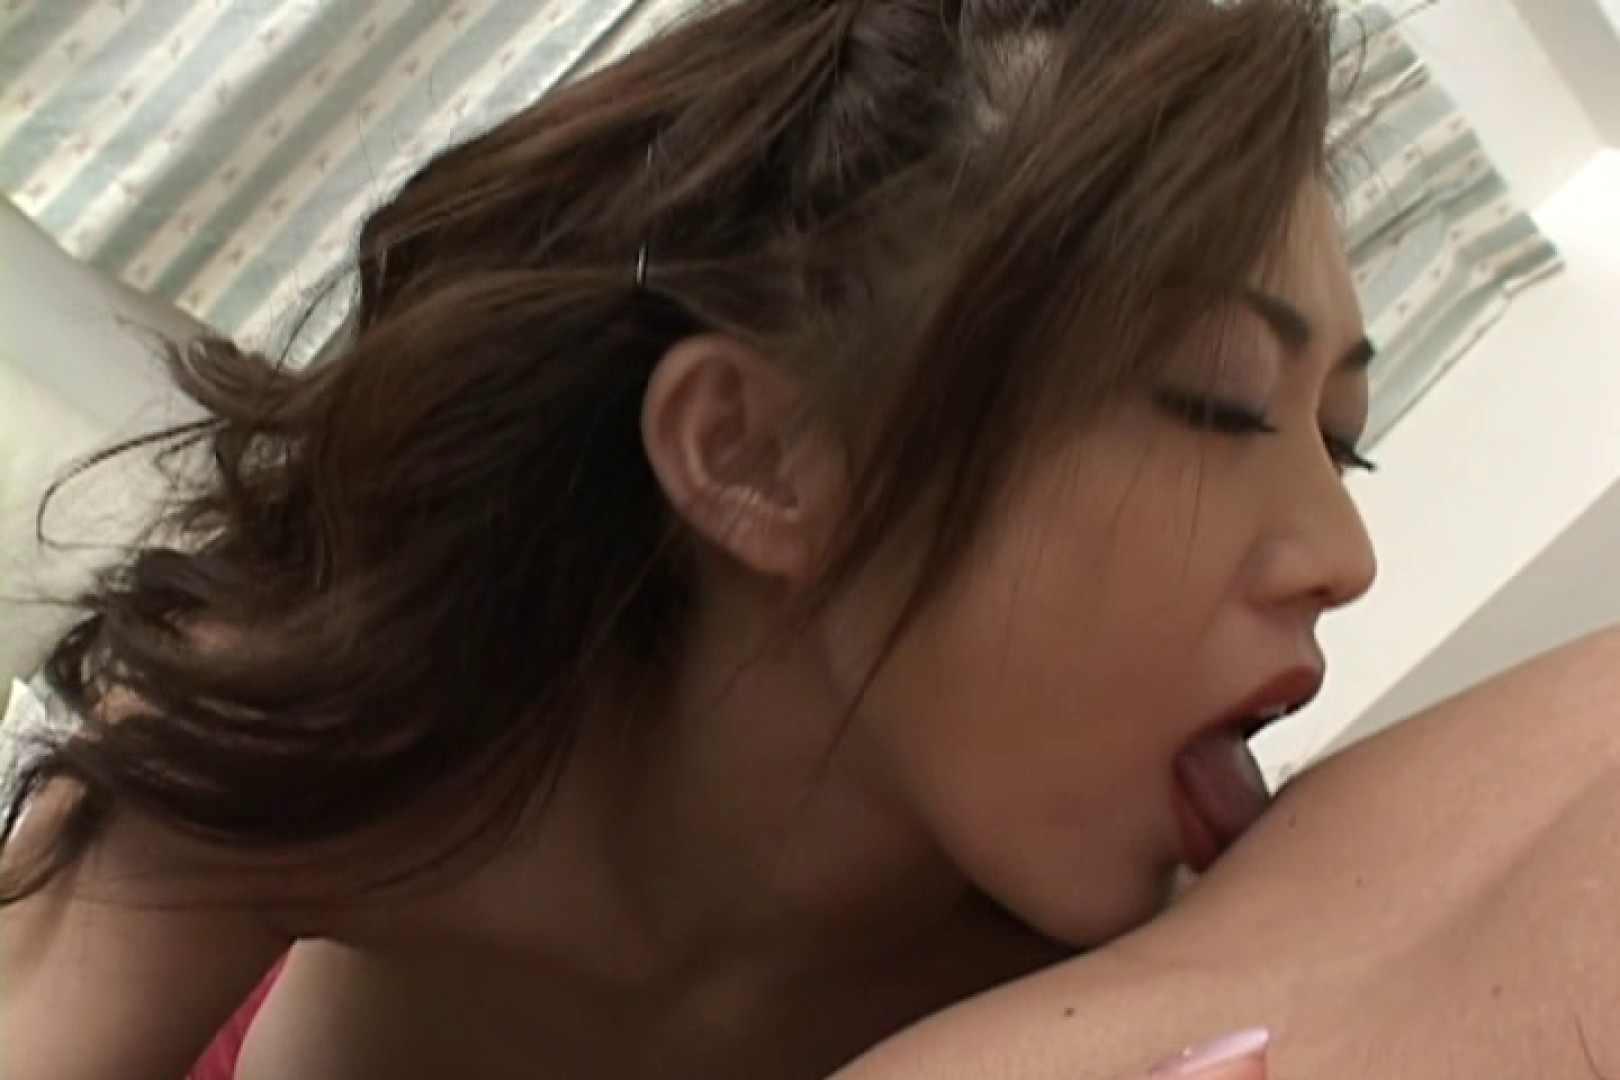 昼間の奥様は欲求不満 ~桜田ゆかり~ フェラ | リアルSEX  71PIX 45